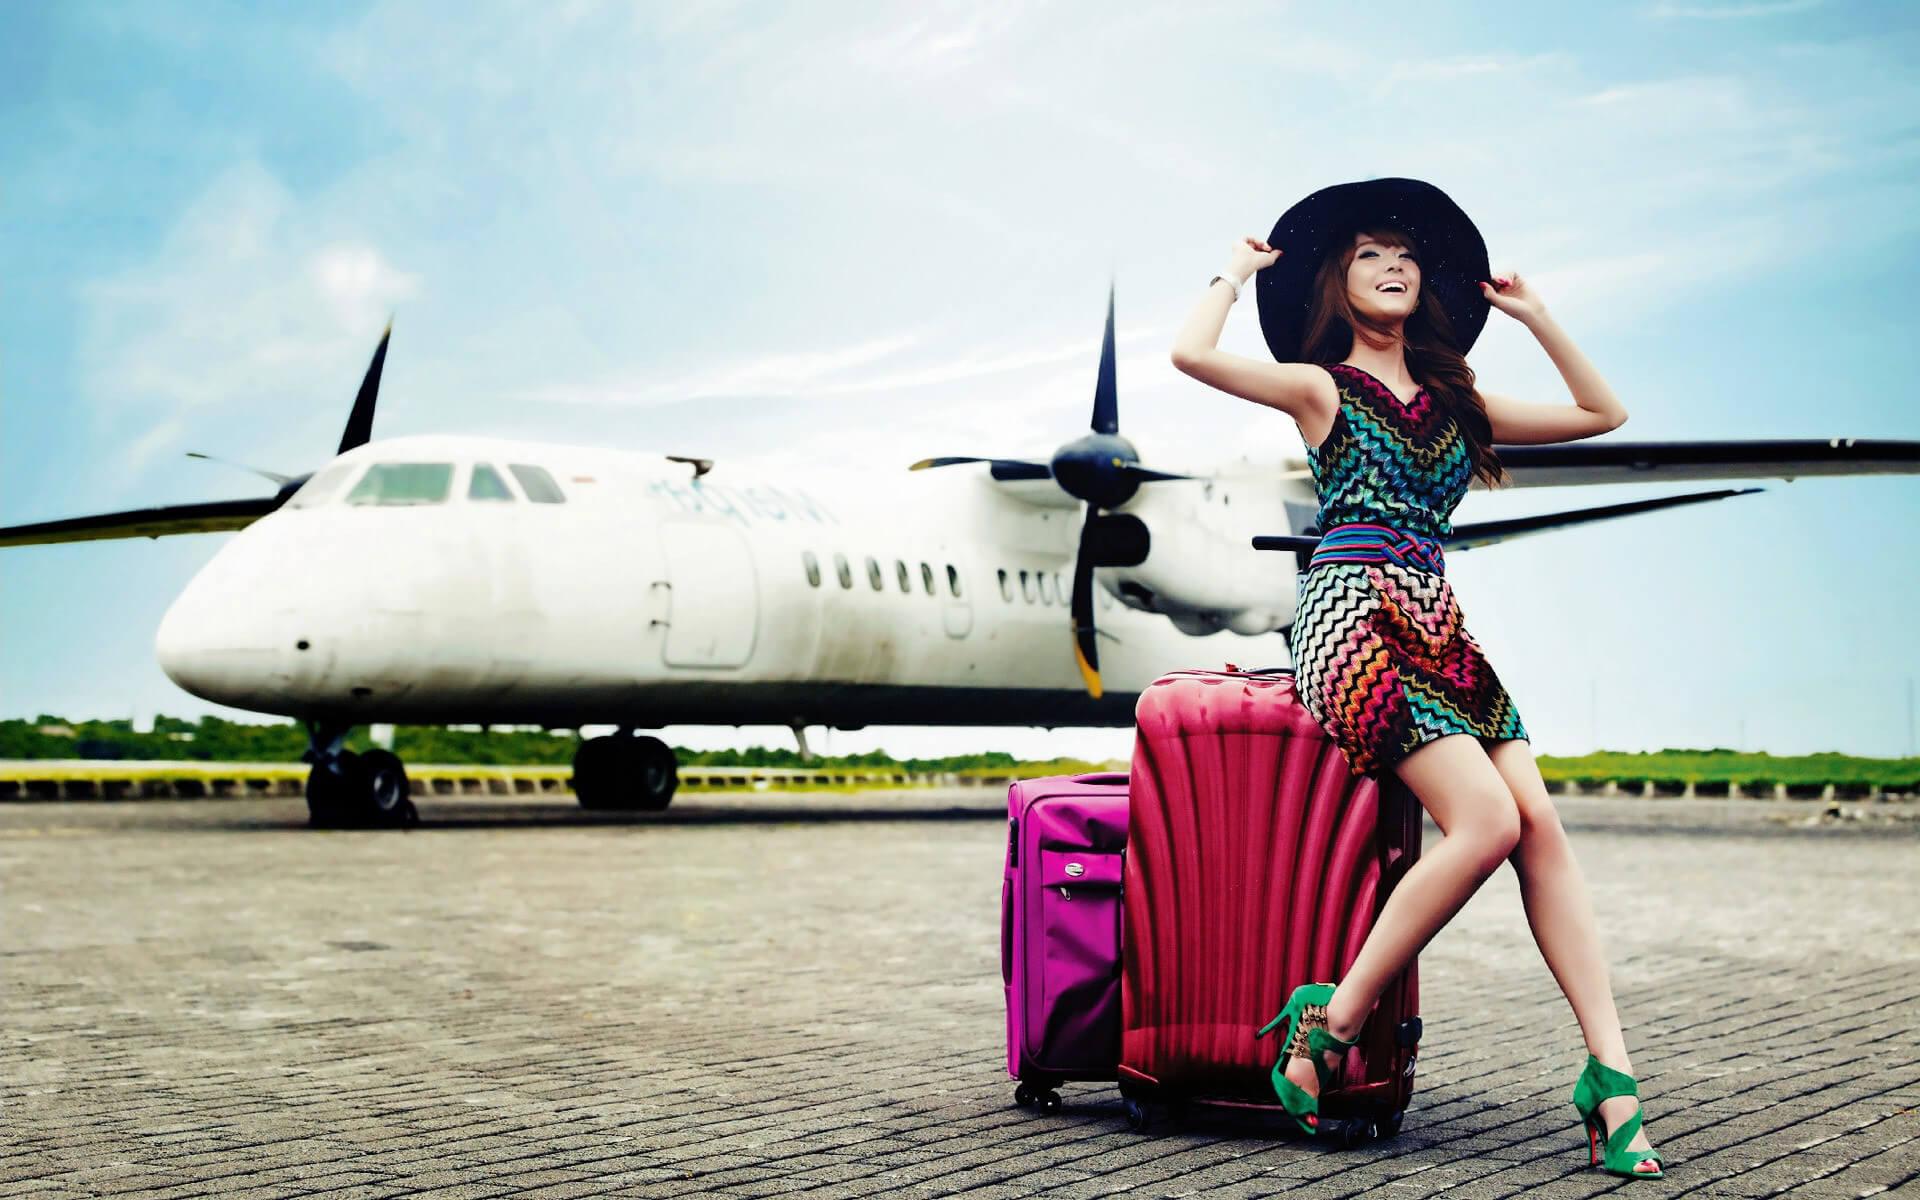 Как полететь на самолете в путешествие в 2021 году